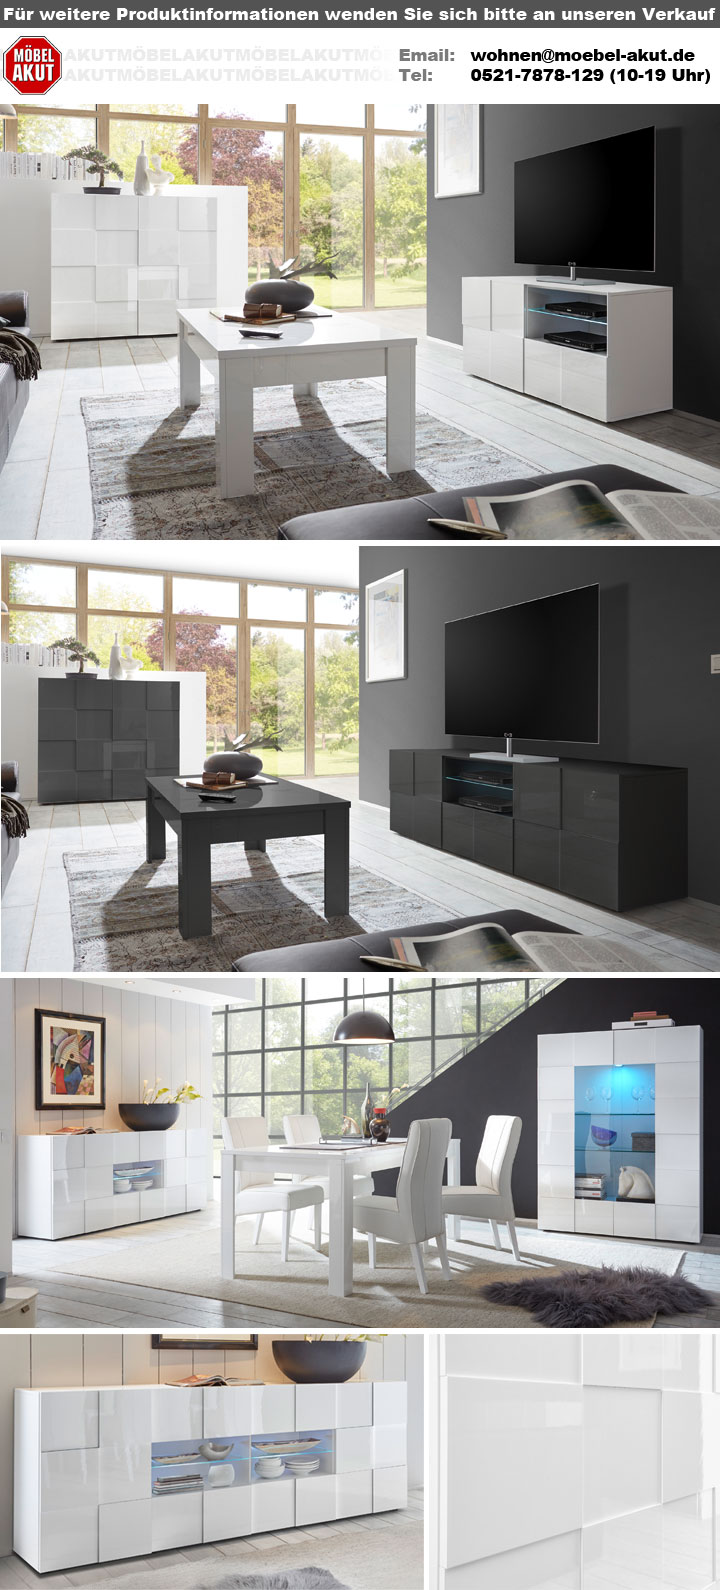 sideboard dama 3 kommode in wei lack 241 cm. Black Bedroom Furniture Sets. Home Design Ideas